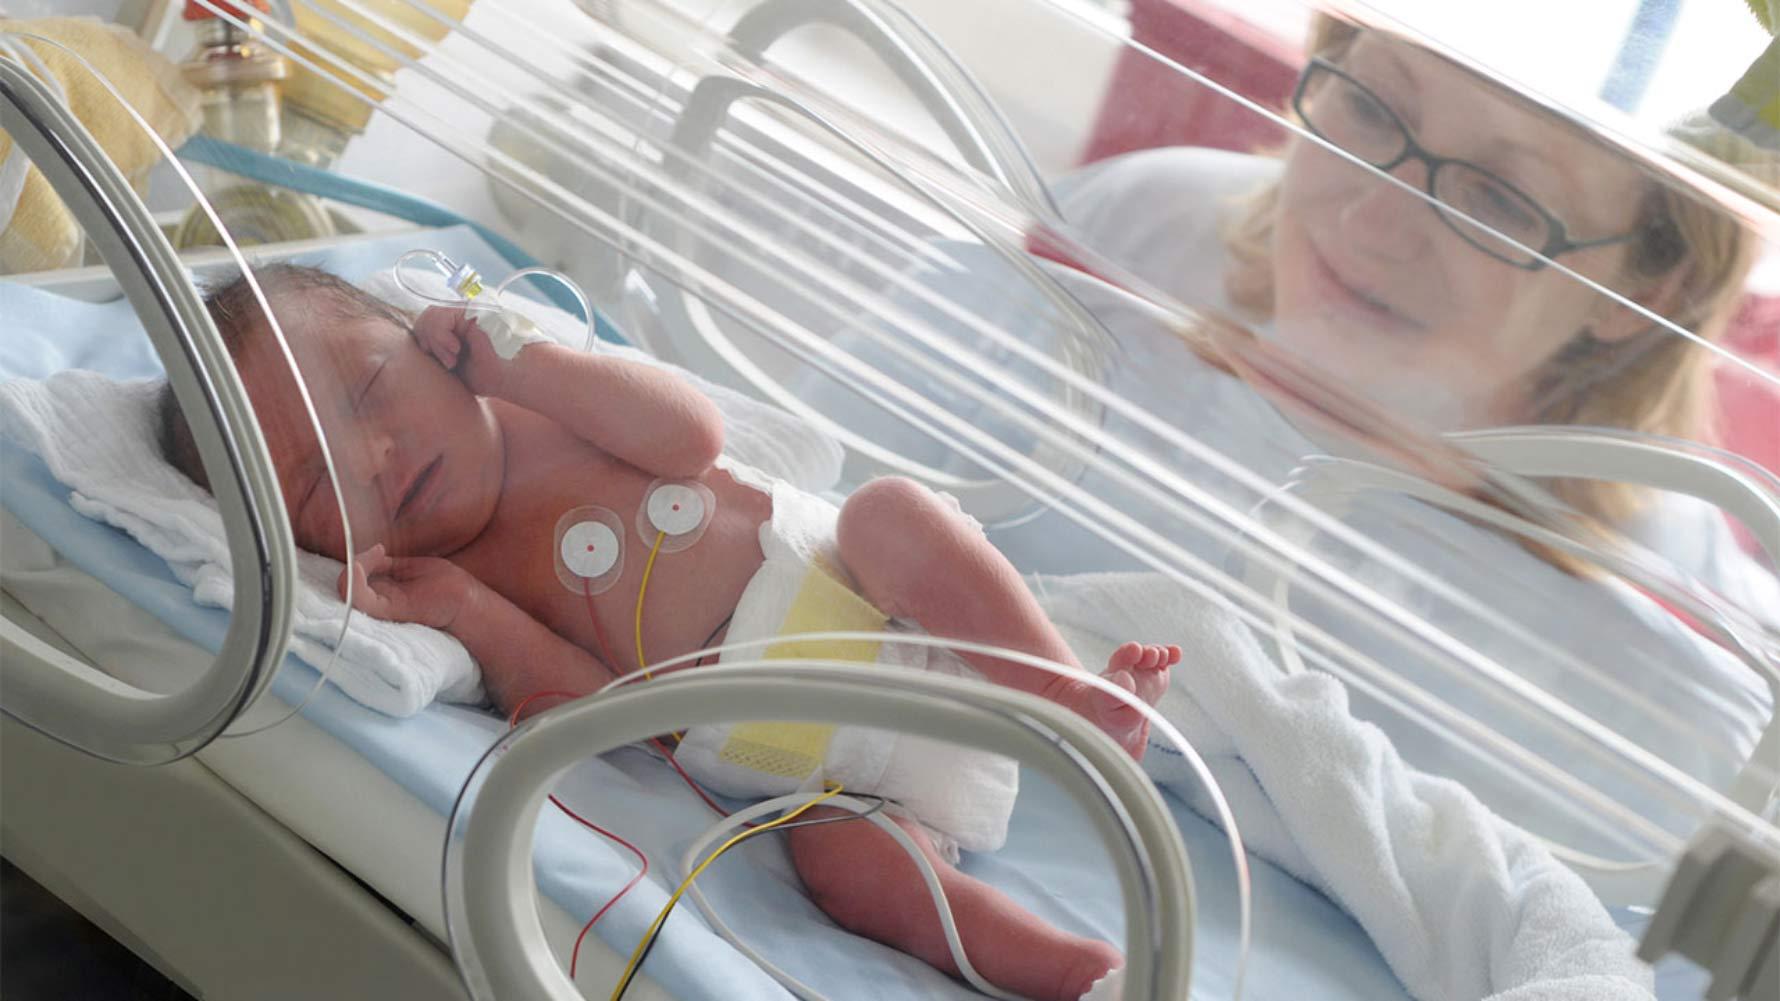 لوله تغذیه در بخش مراقبتهای ویژه نوزادان (NICU)